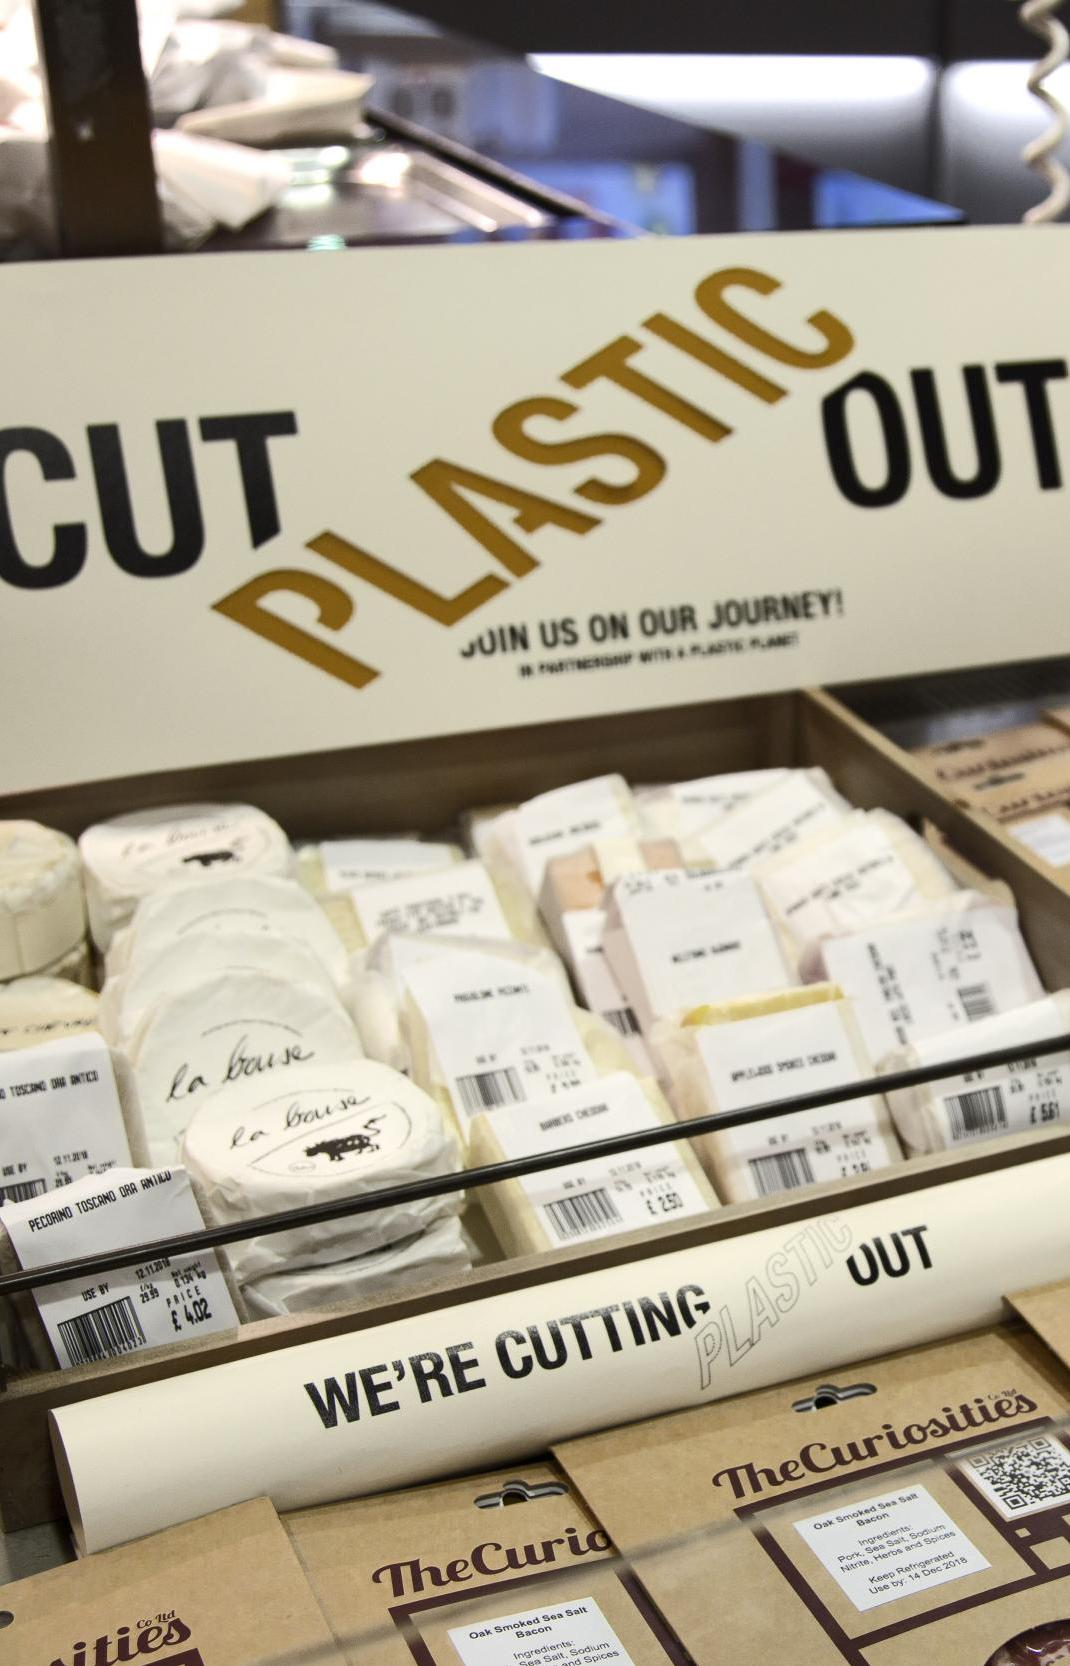 Супермаркет заменил пластиковую упаковку экологичной для 1700 видов товаров